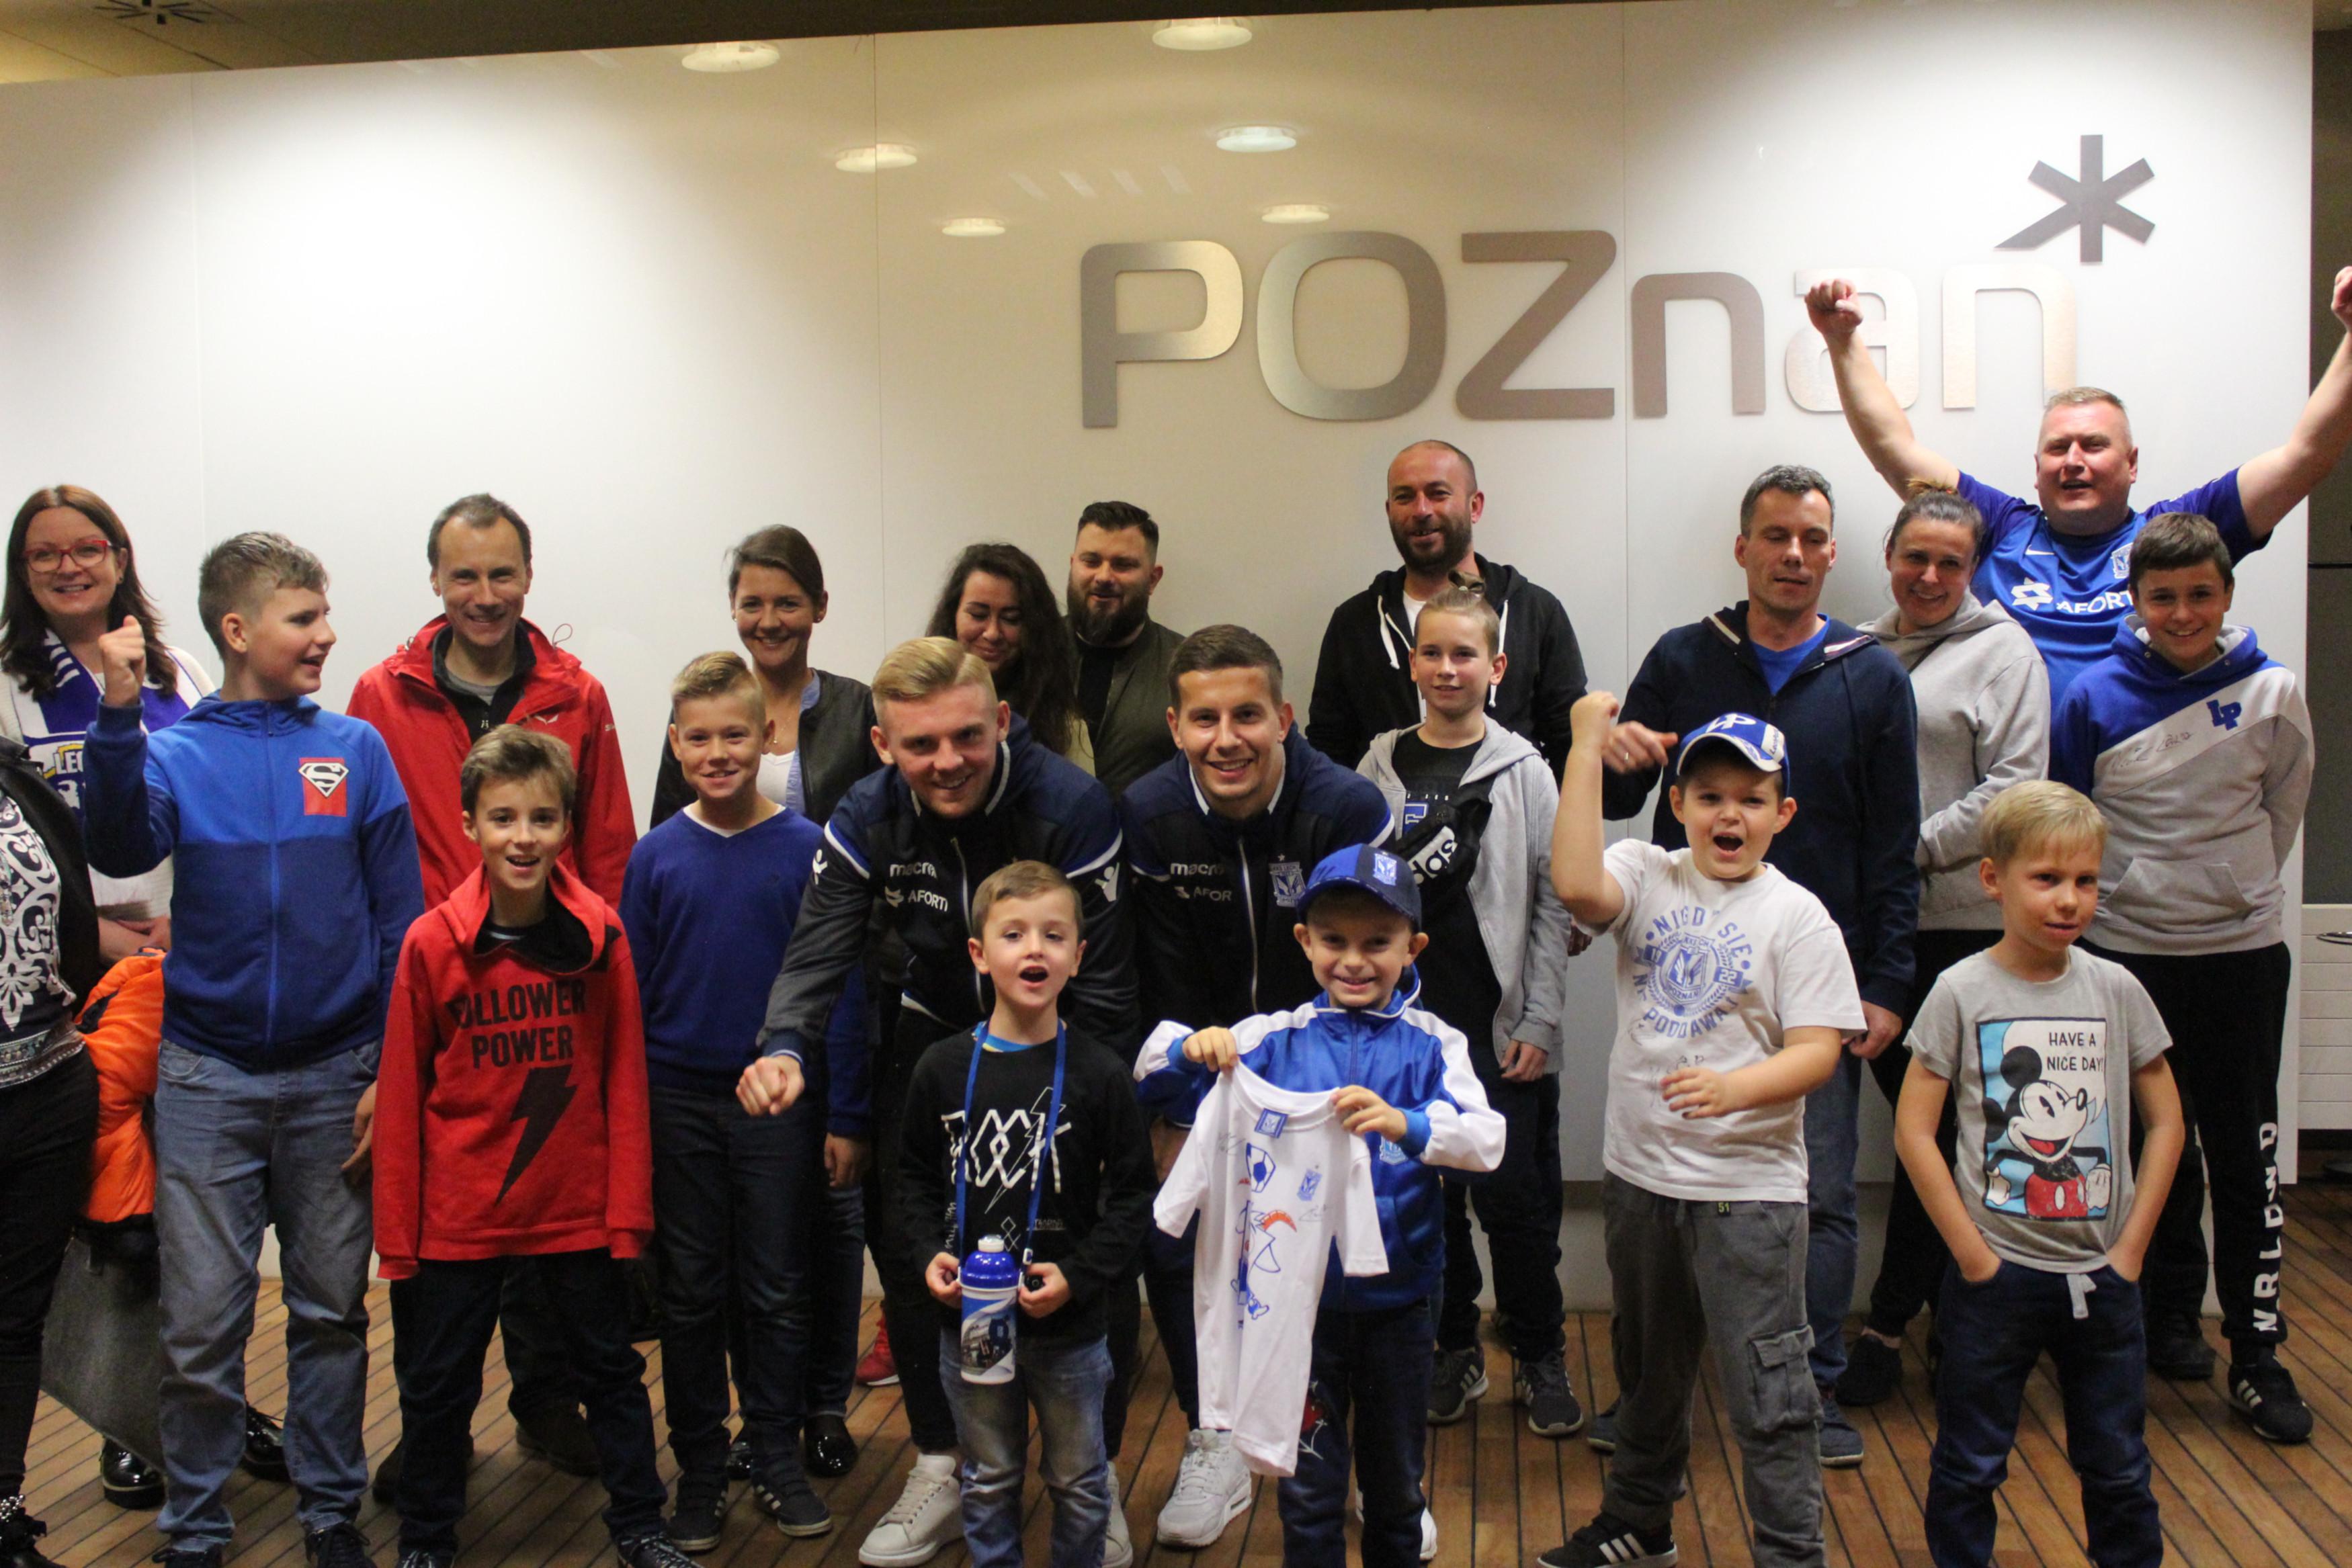 Zwiedzanie Stadionu Lecha Poznań